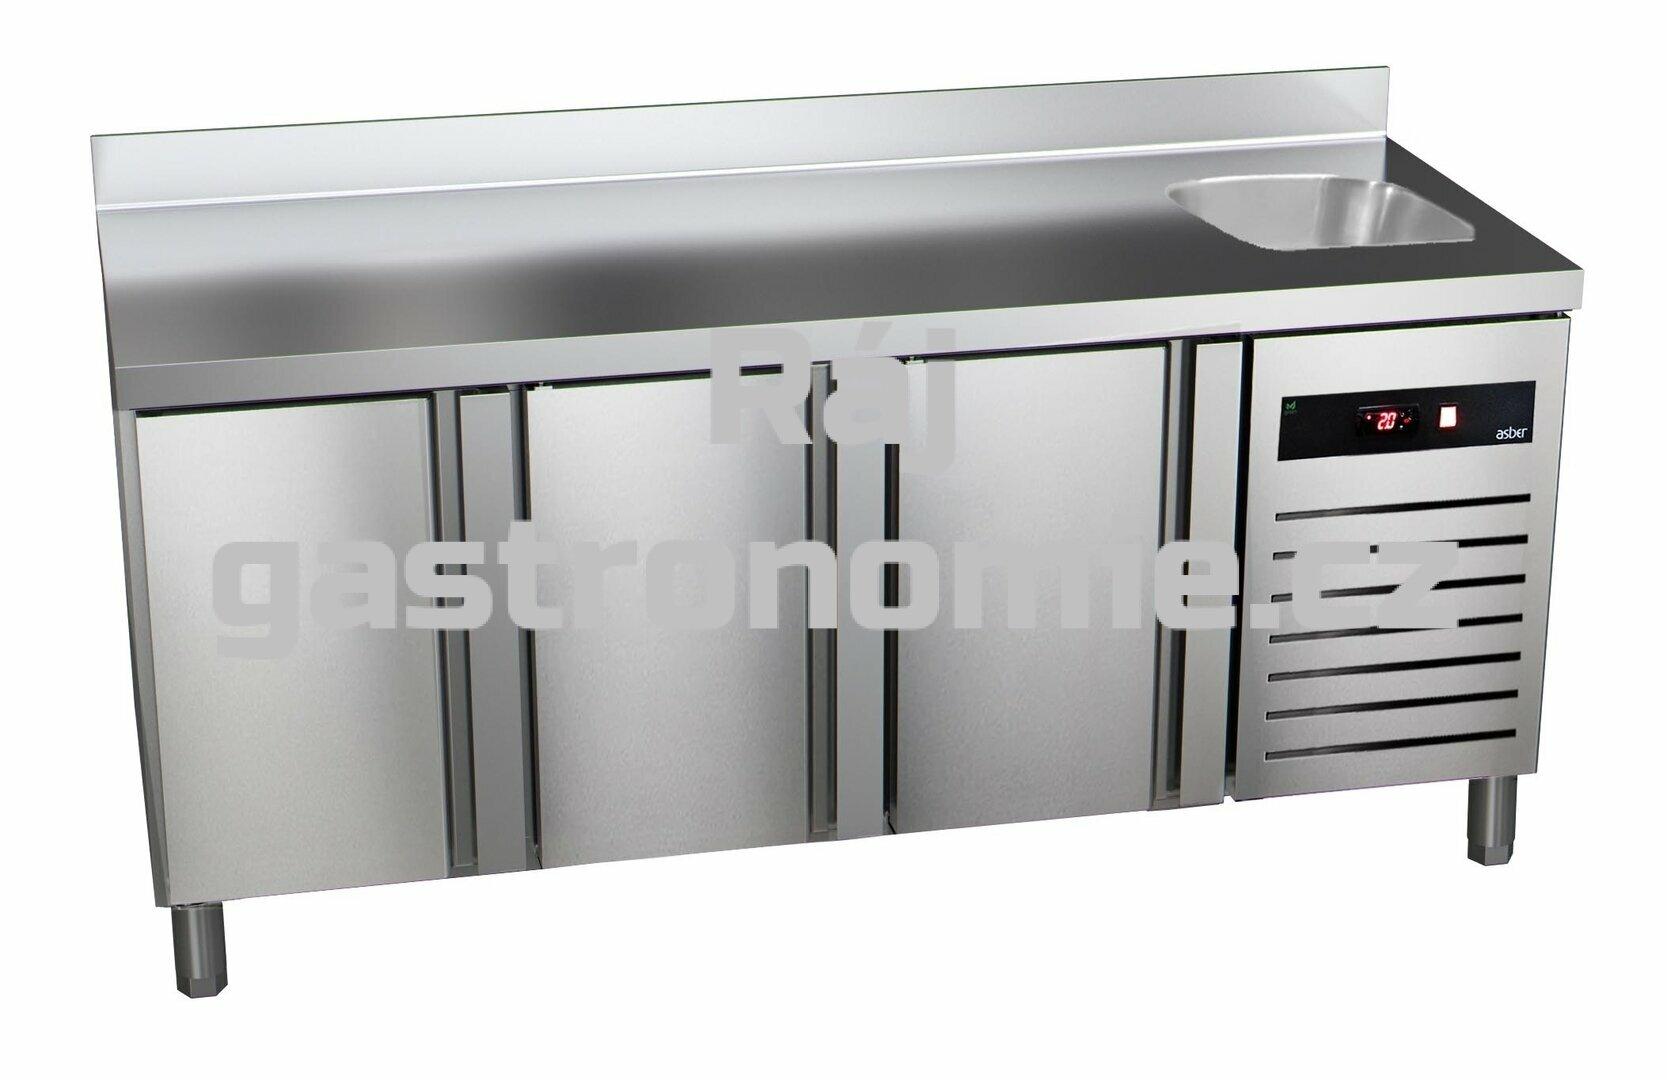 Chladící stůl GTP-7-180-30 - agregát vlevo + dřez